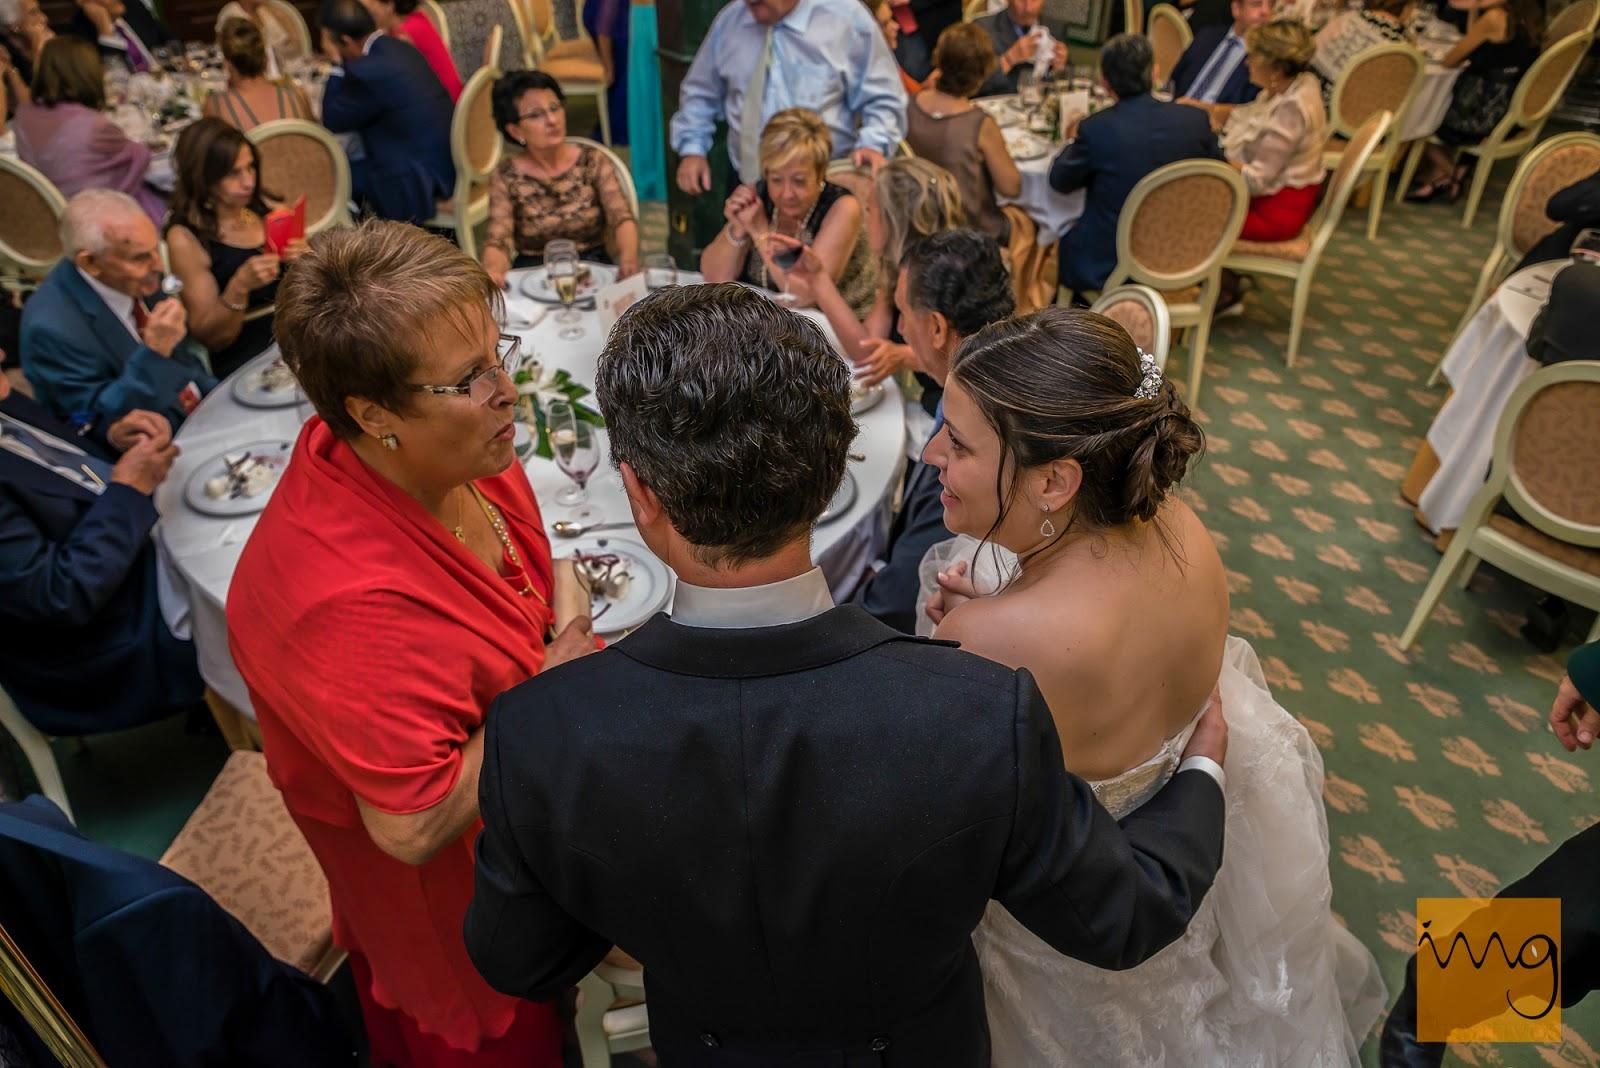 Fotografía de boda, saludando a los invitados